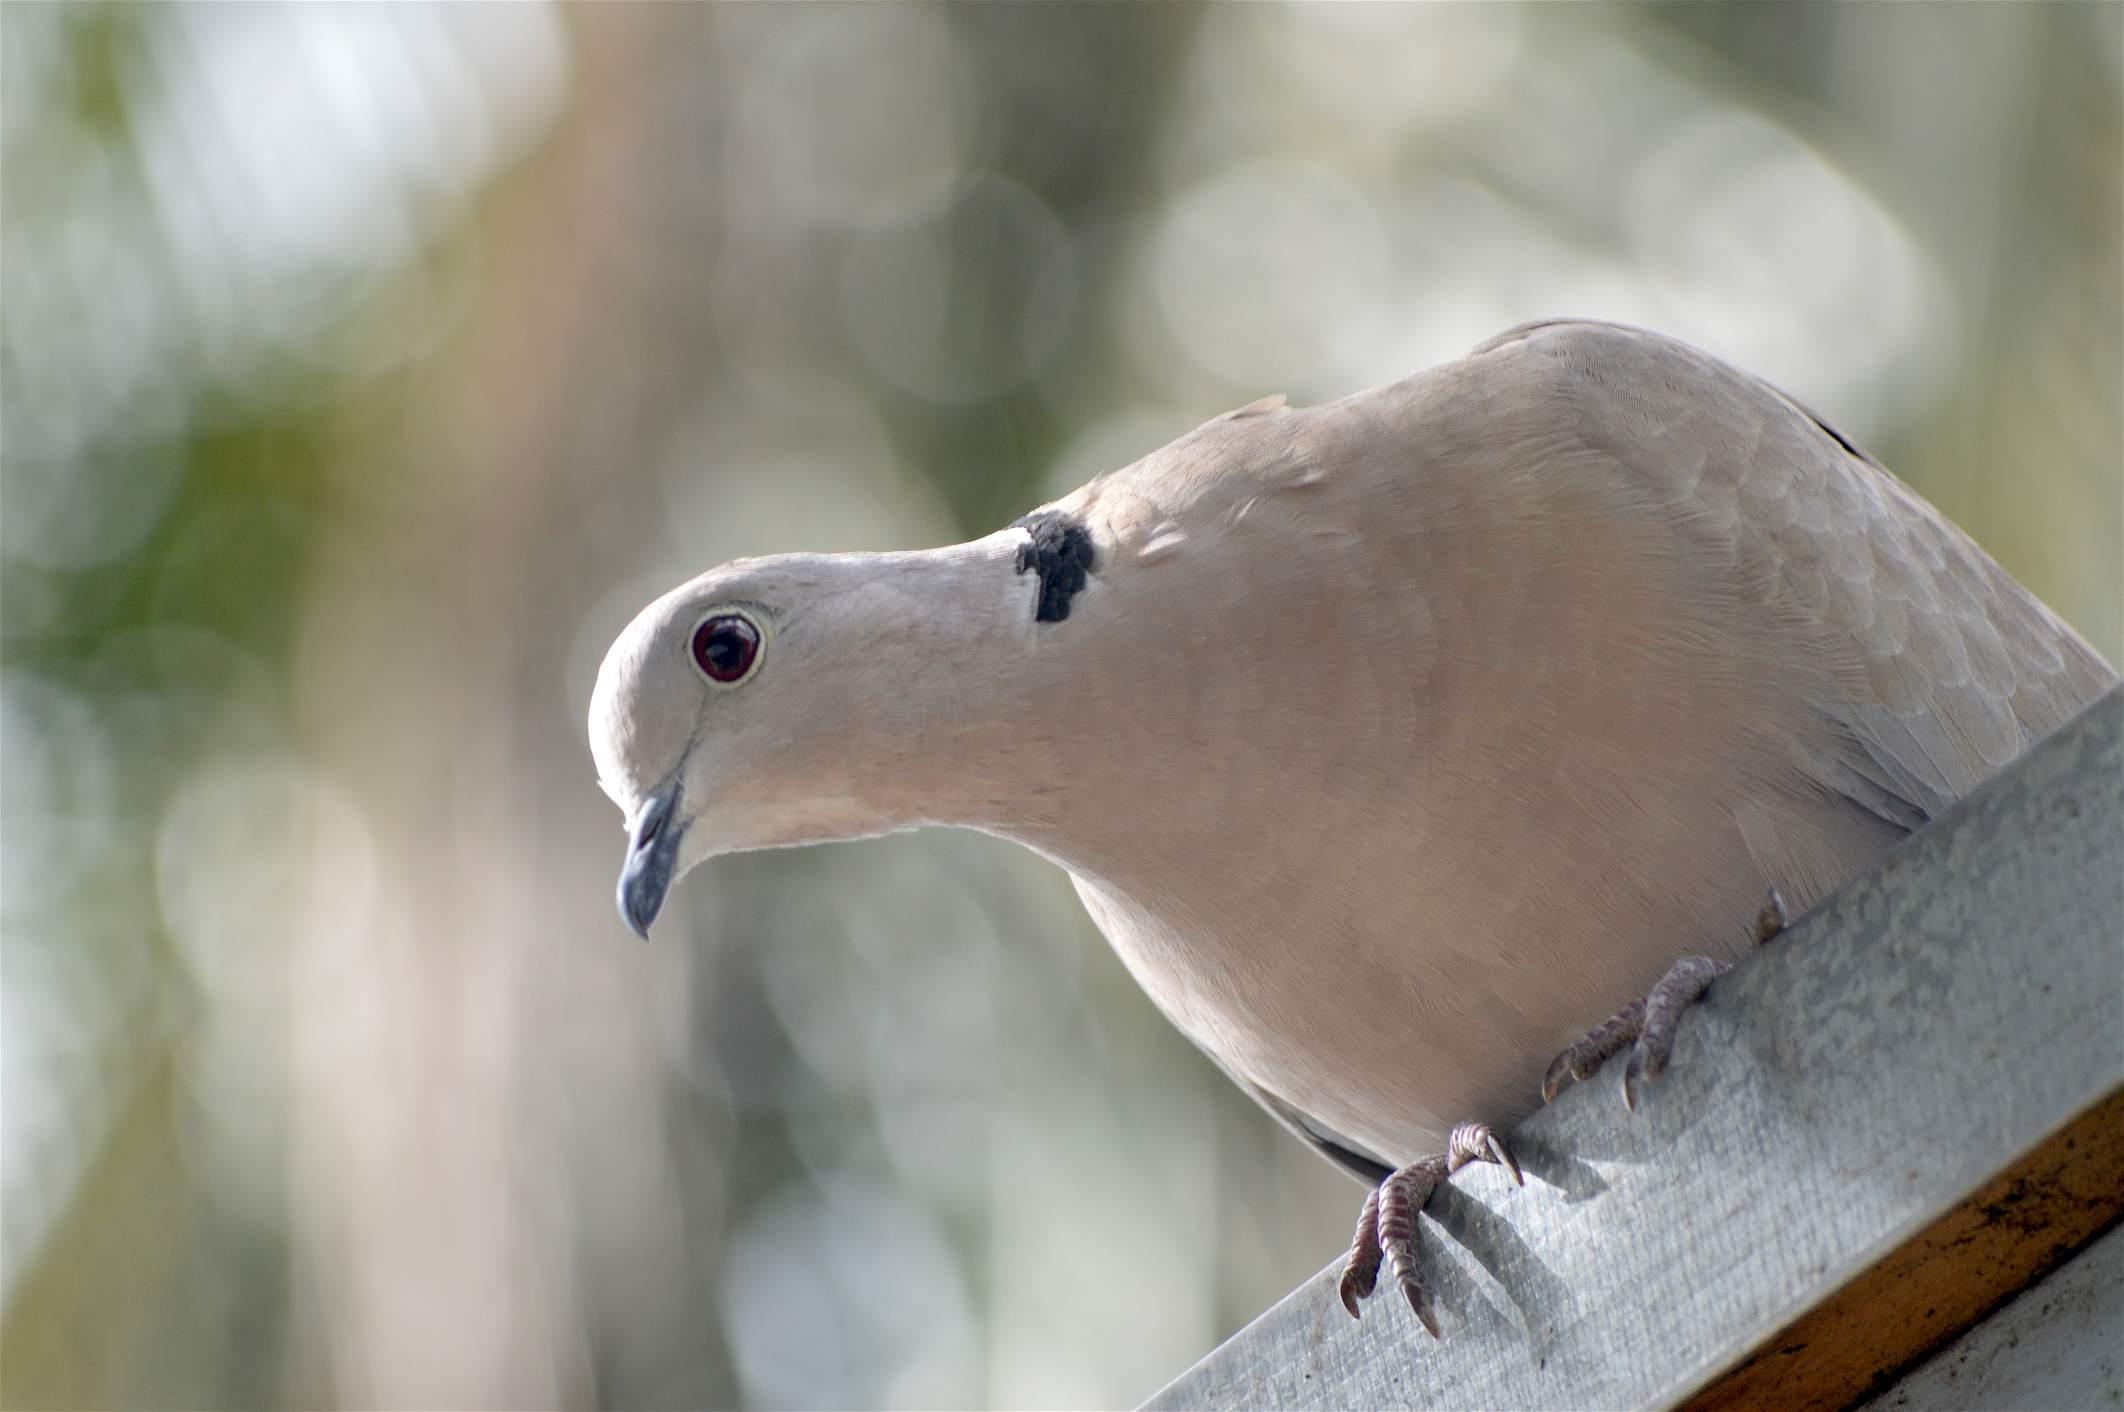 White dove perched